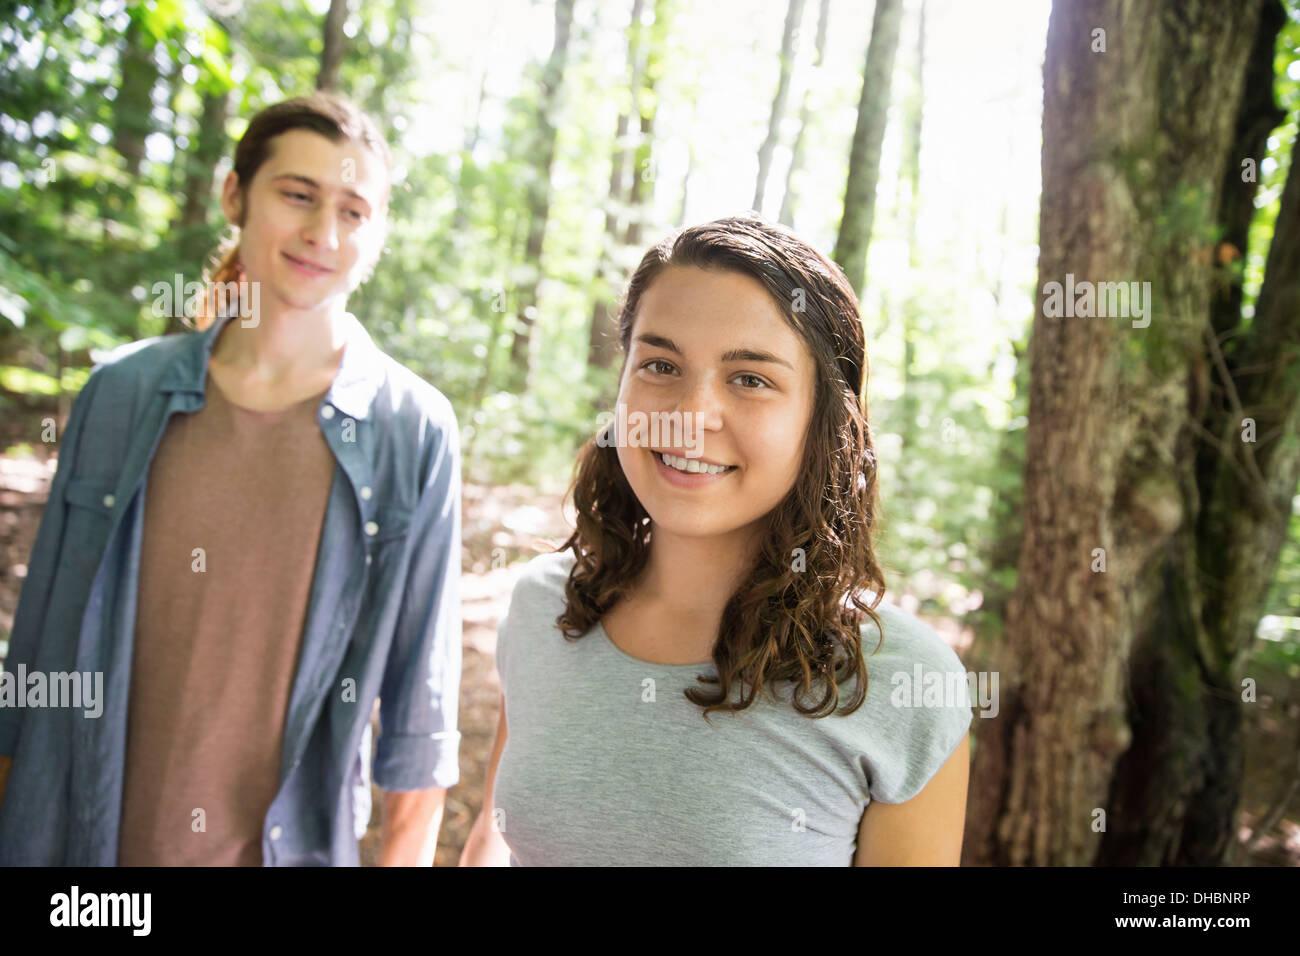 Deux personnes, une jeune femme et l'homme, marchant côte à côte dans les bois. Photo Stock